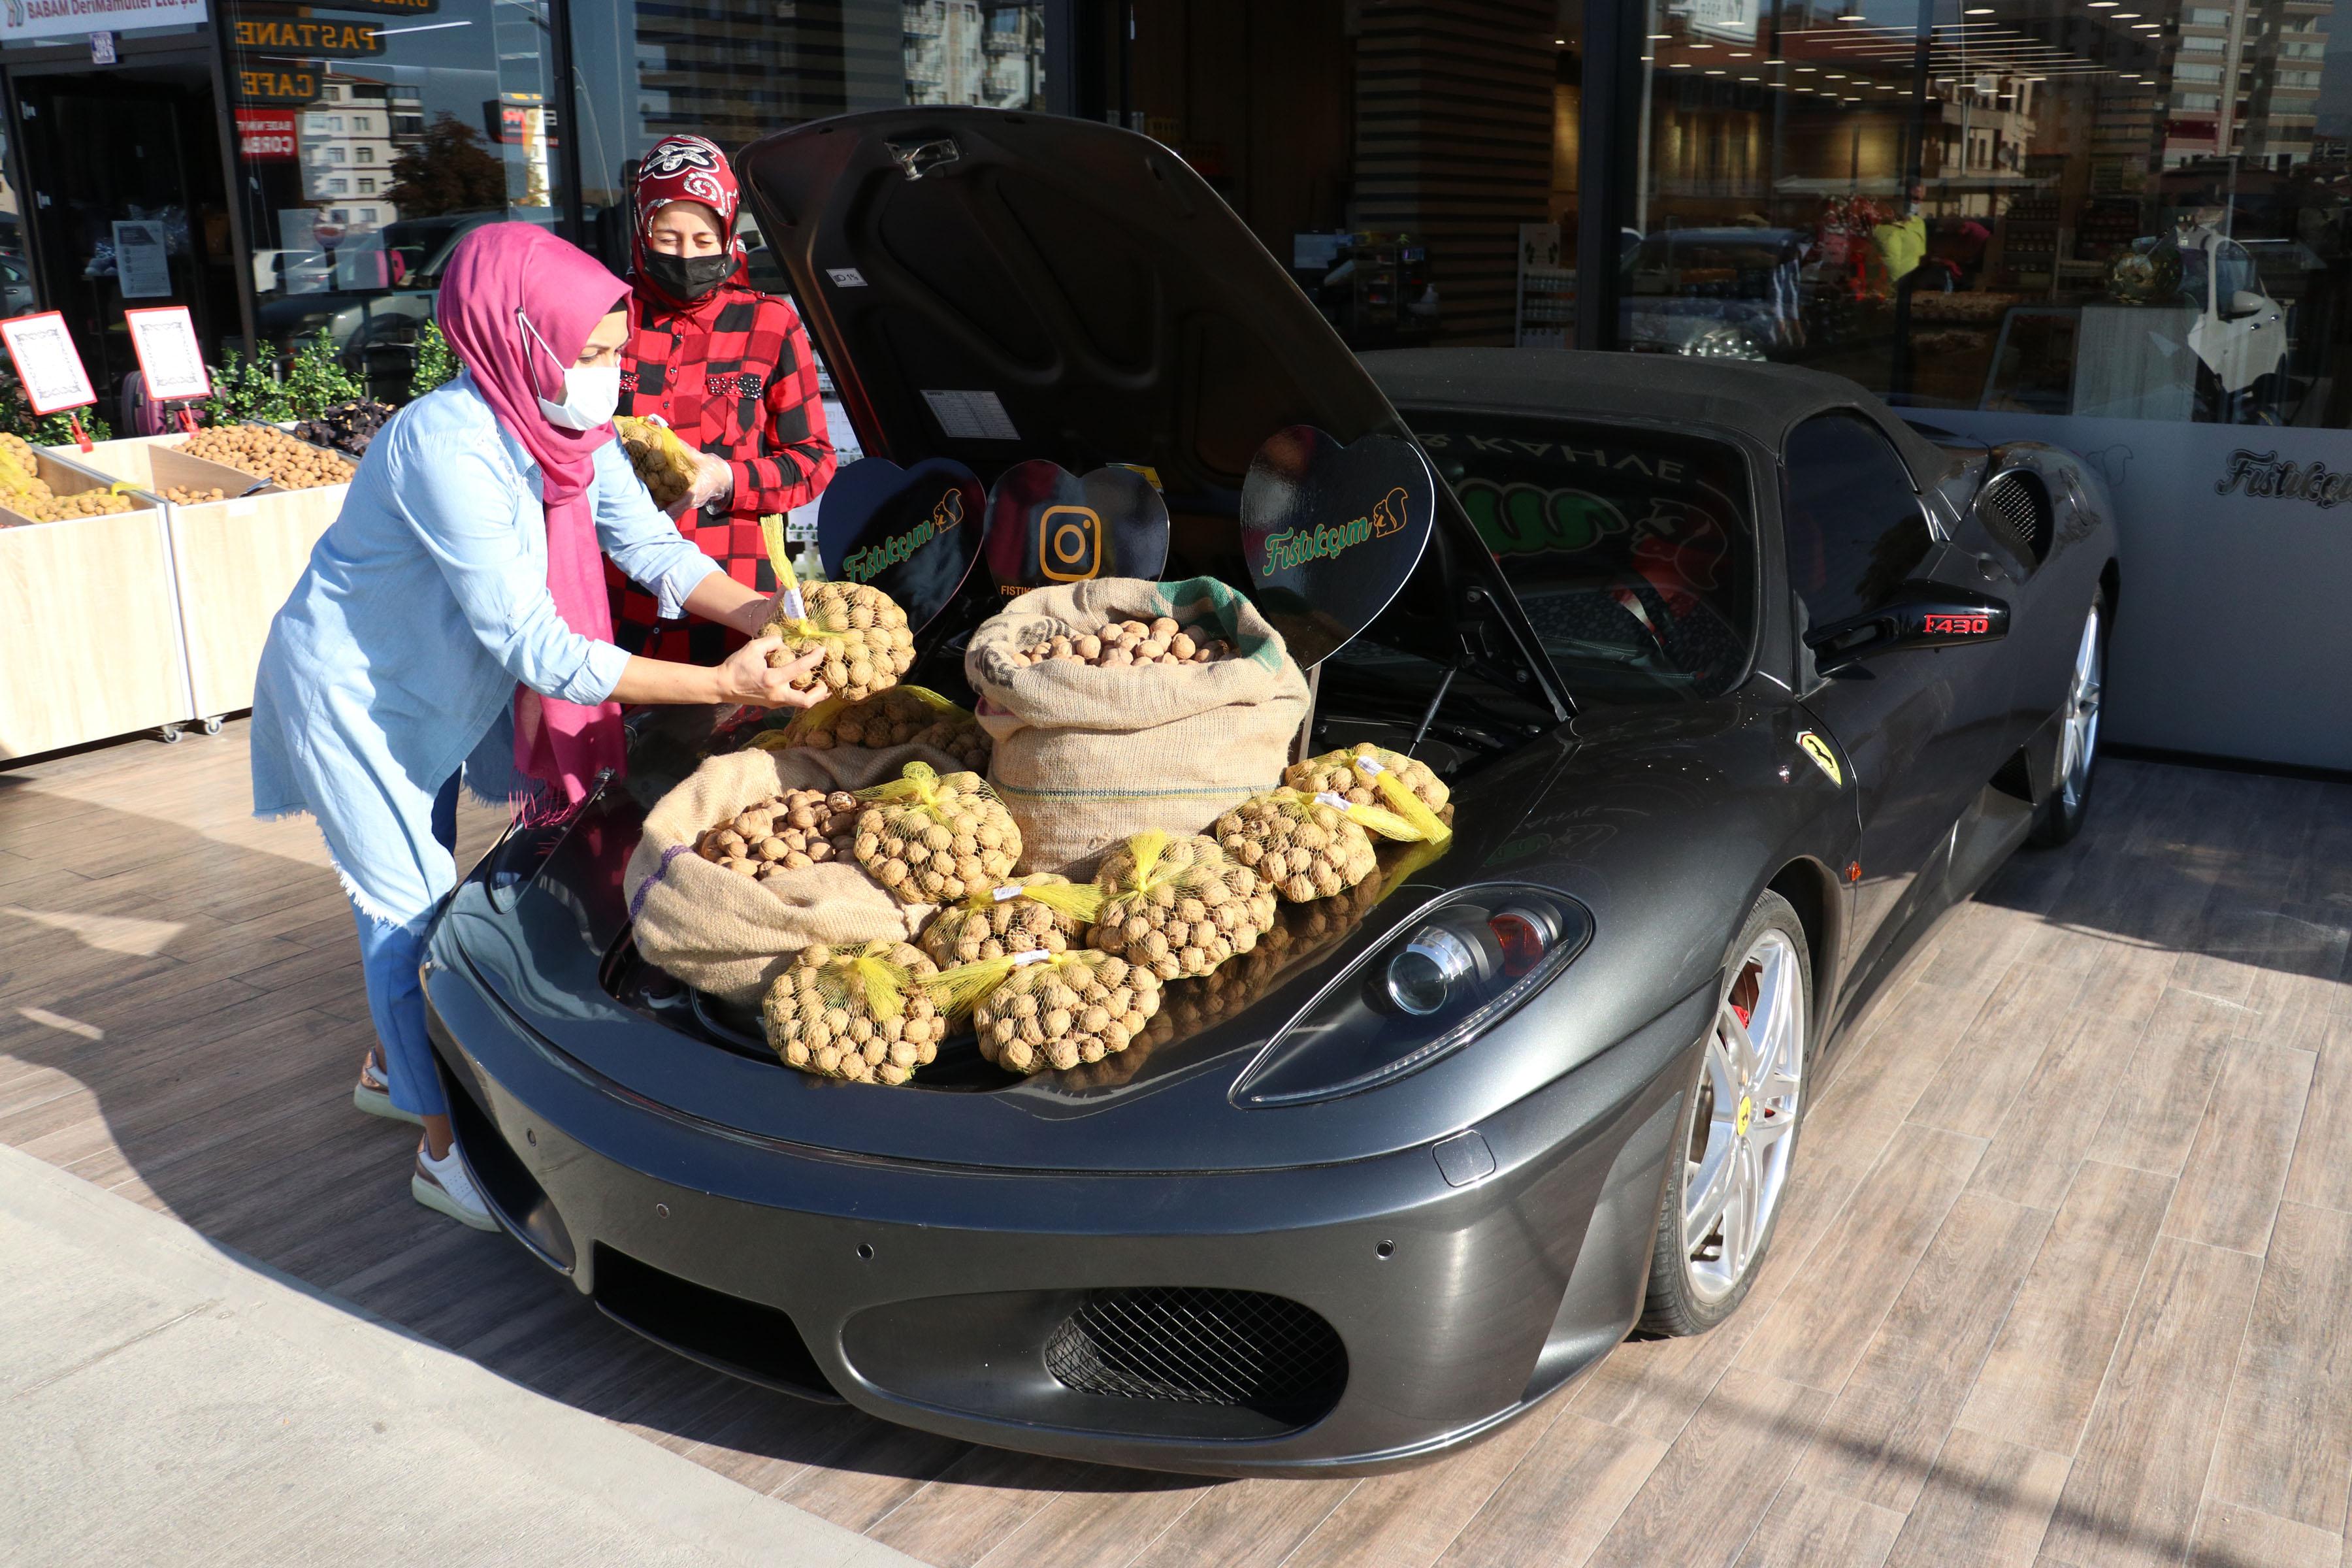 luks-otomobilin-bagajinda-ceviz-satisi-5693-dhaphoto9.jpg